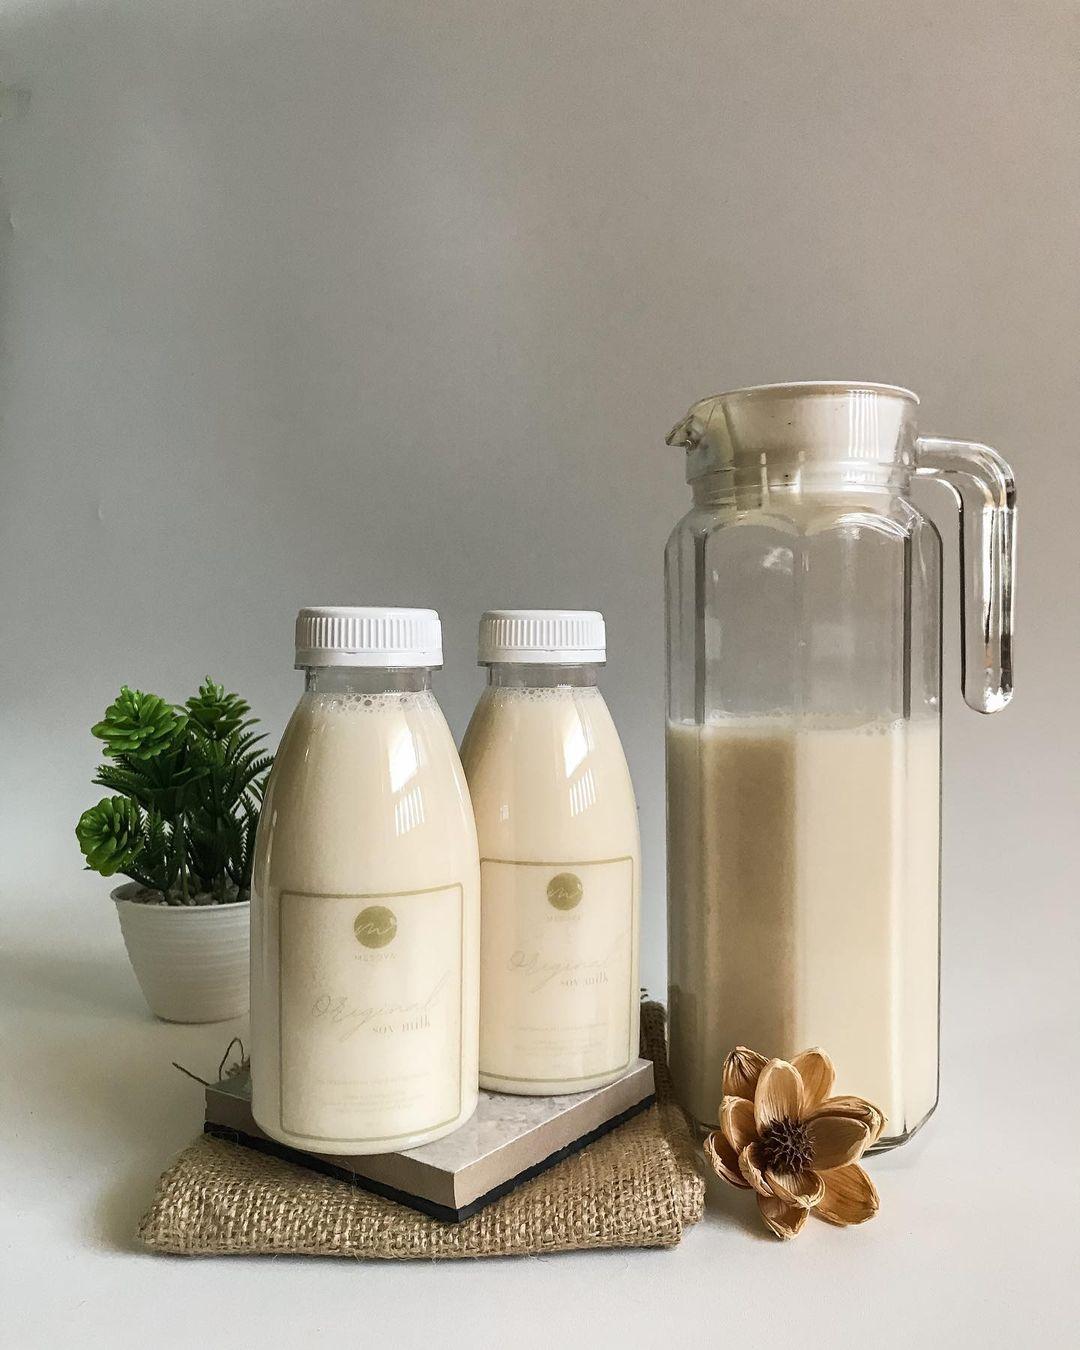 طرز تهیه شیر سویا خانگی آسان، مقوی و پر خاصیت مرحله به مرحله